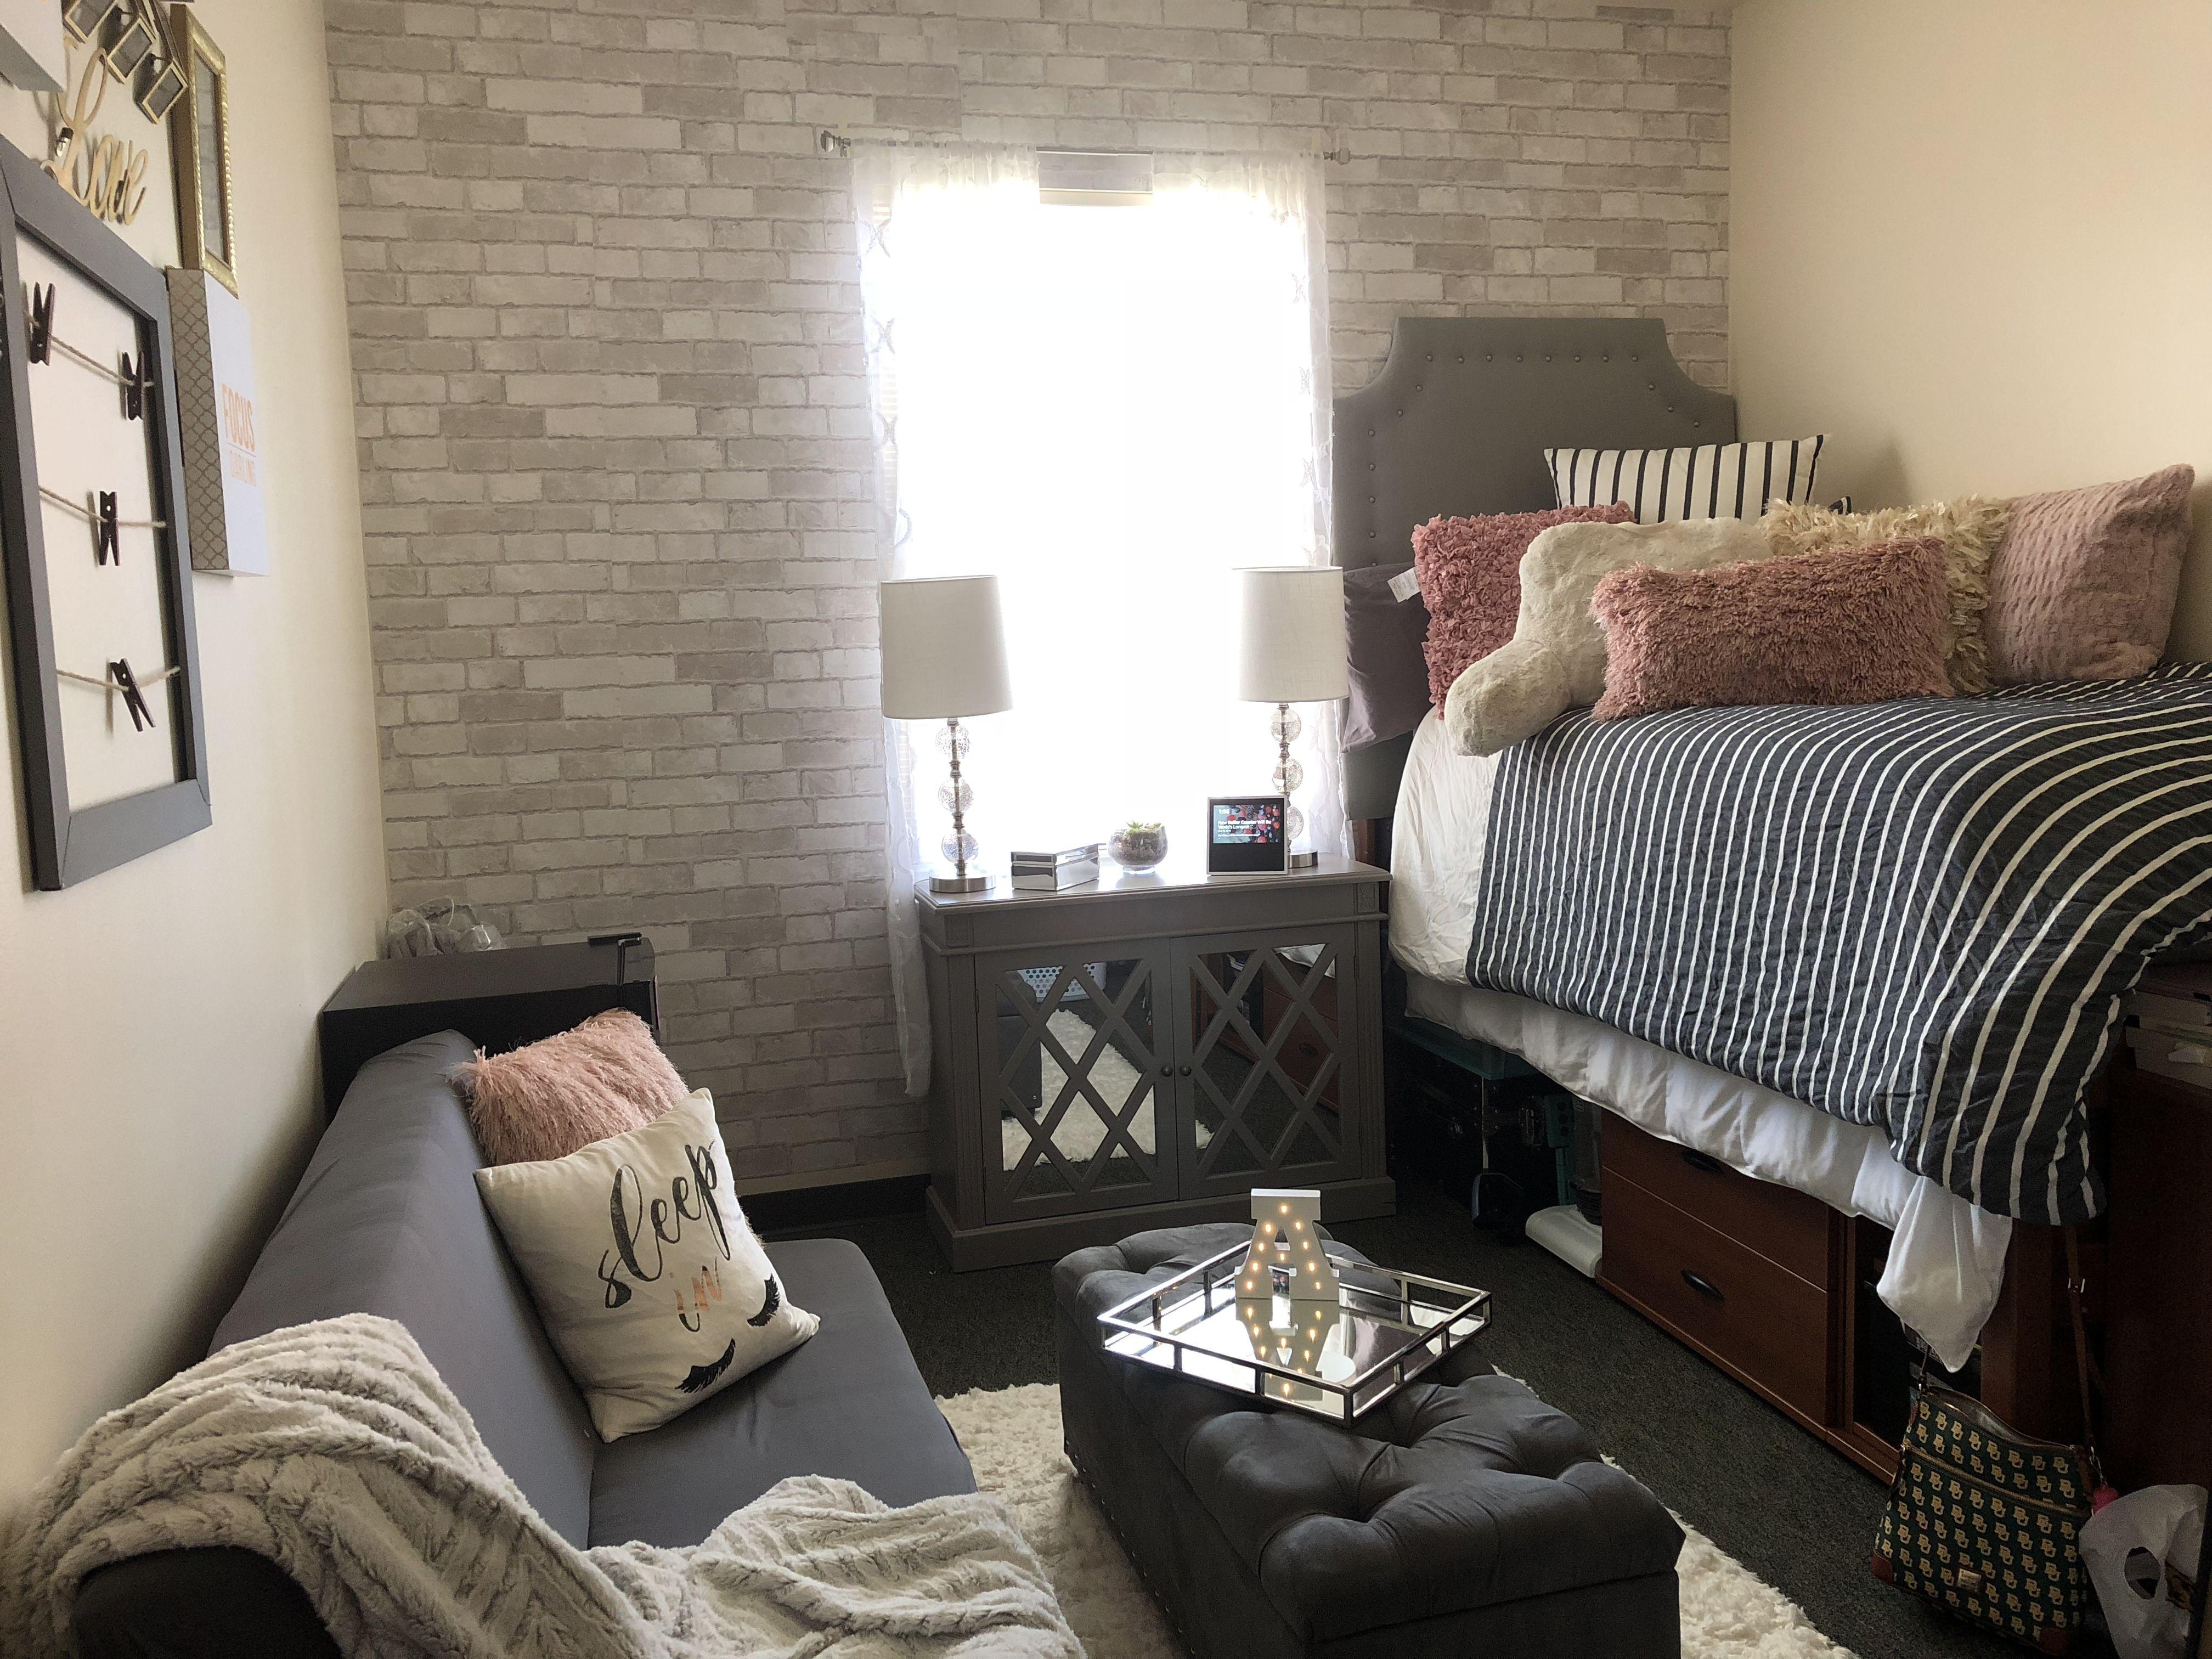 Baylor University Dorm Room At Brooks Residential College Room